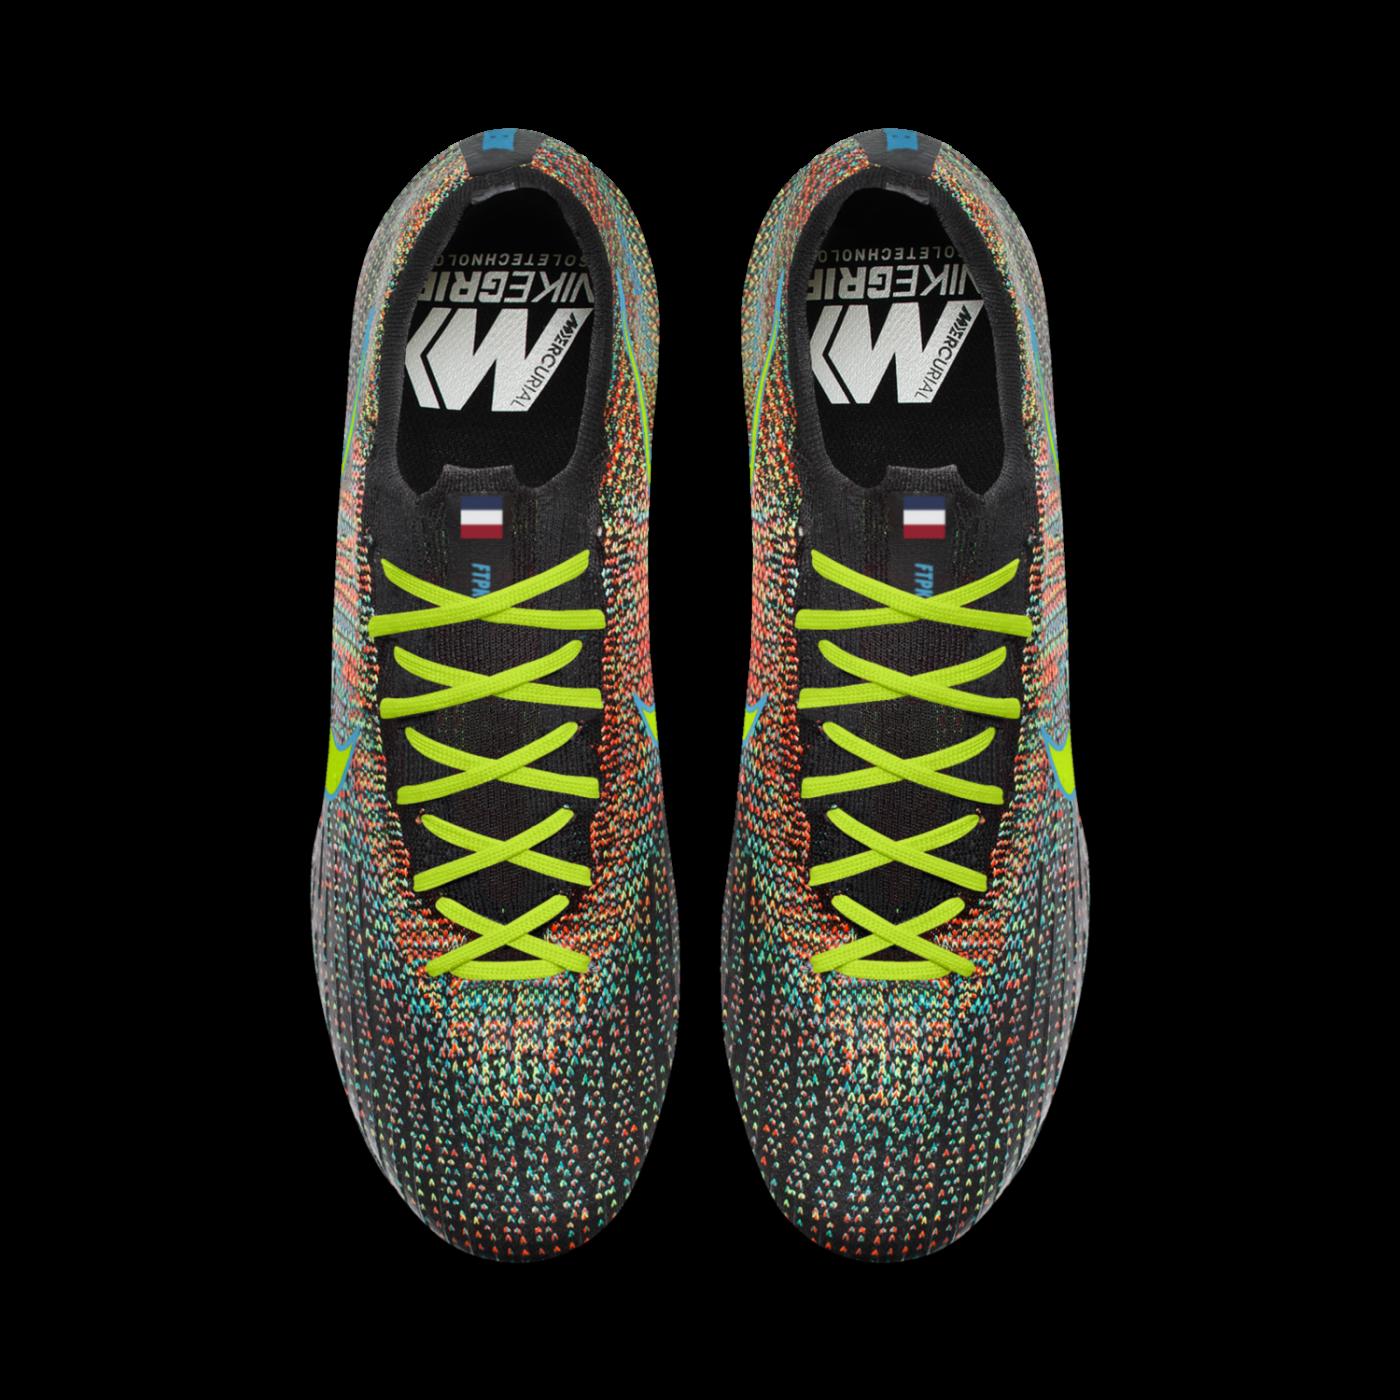 NikeID met la Mercurial Vapor aux couleurs de la Coupe du Monde